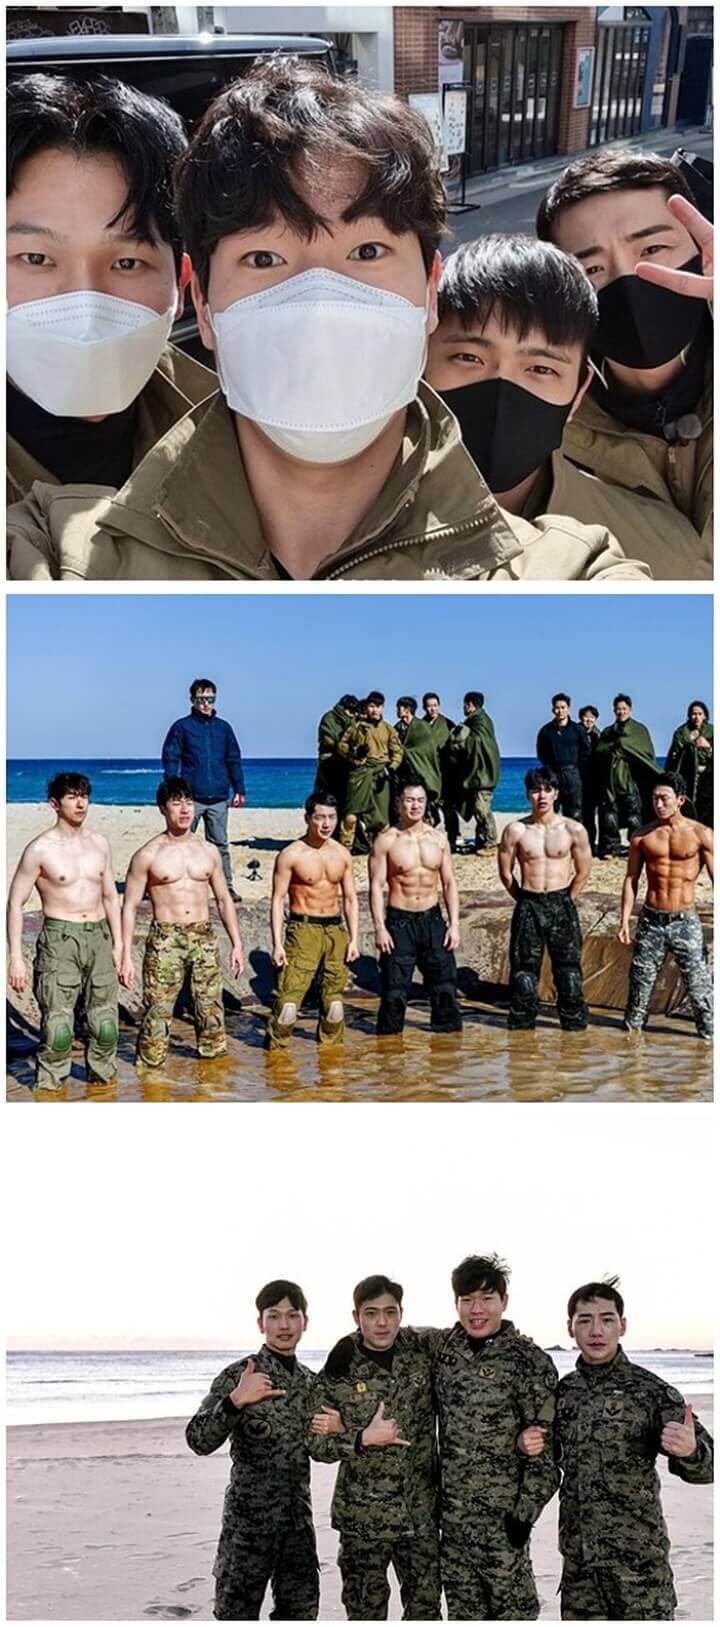 박군-강철부대-출연자